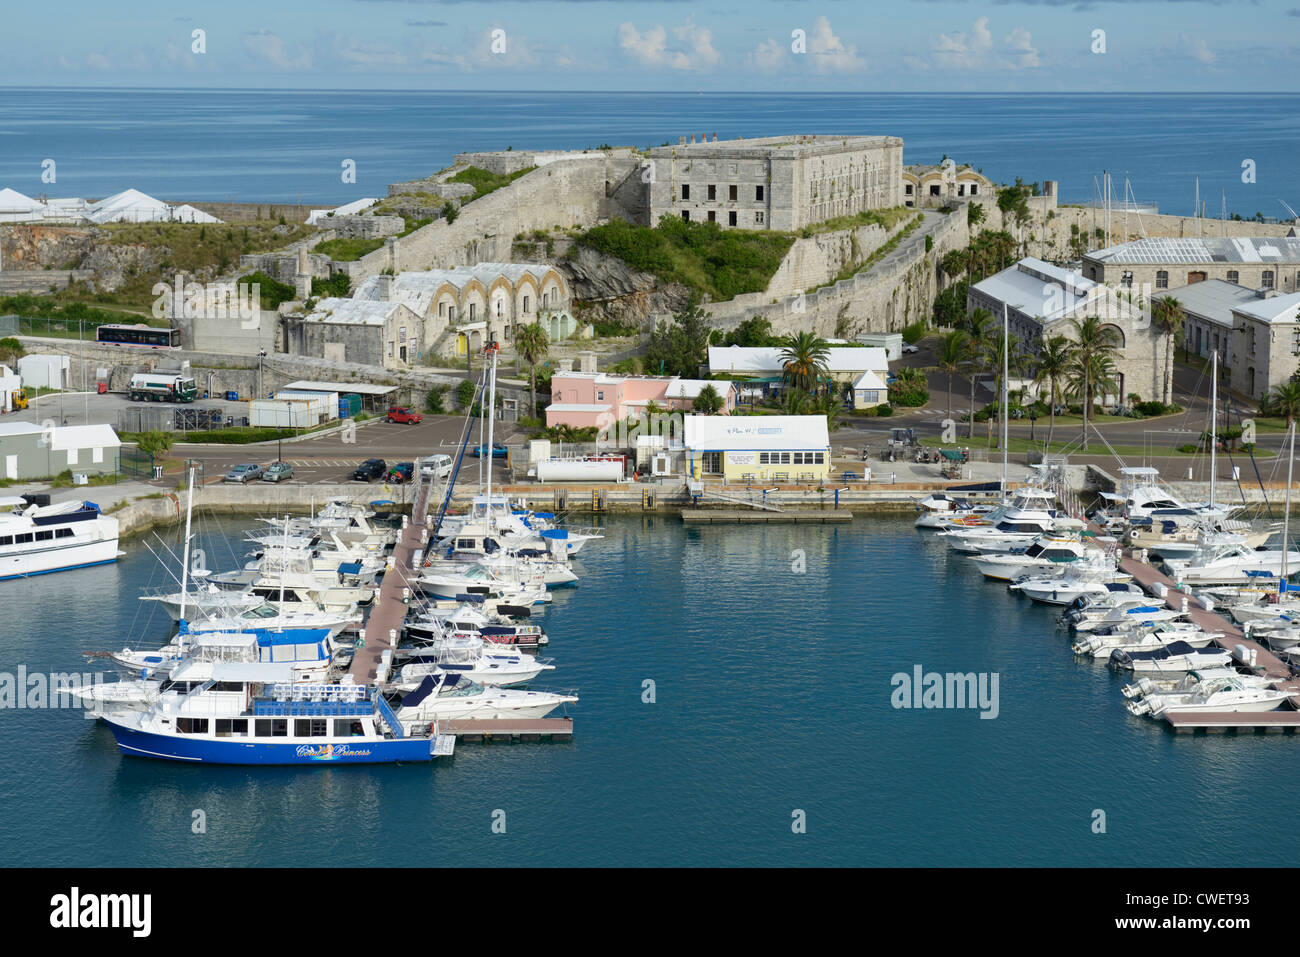 Königliche Marinewerft Marina, Bermuda, Ansicht von einem Kreuzfahrtschiff angedockt am Kings Wharf Stockbild